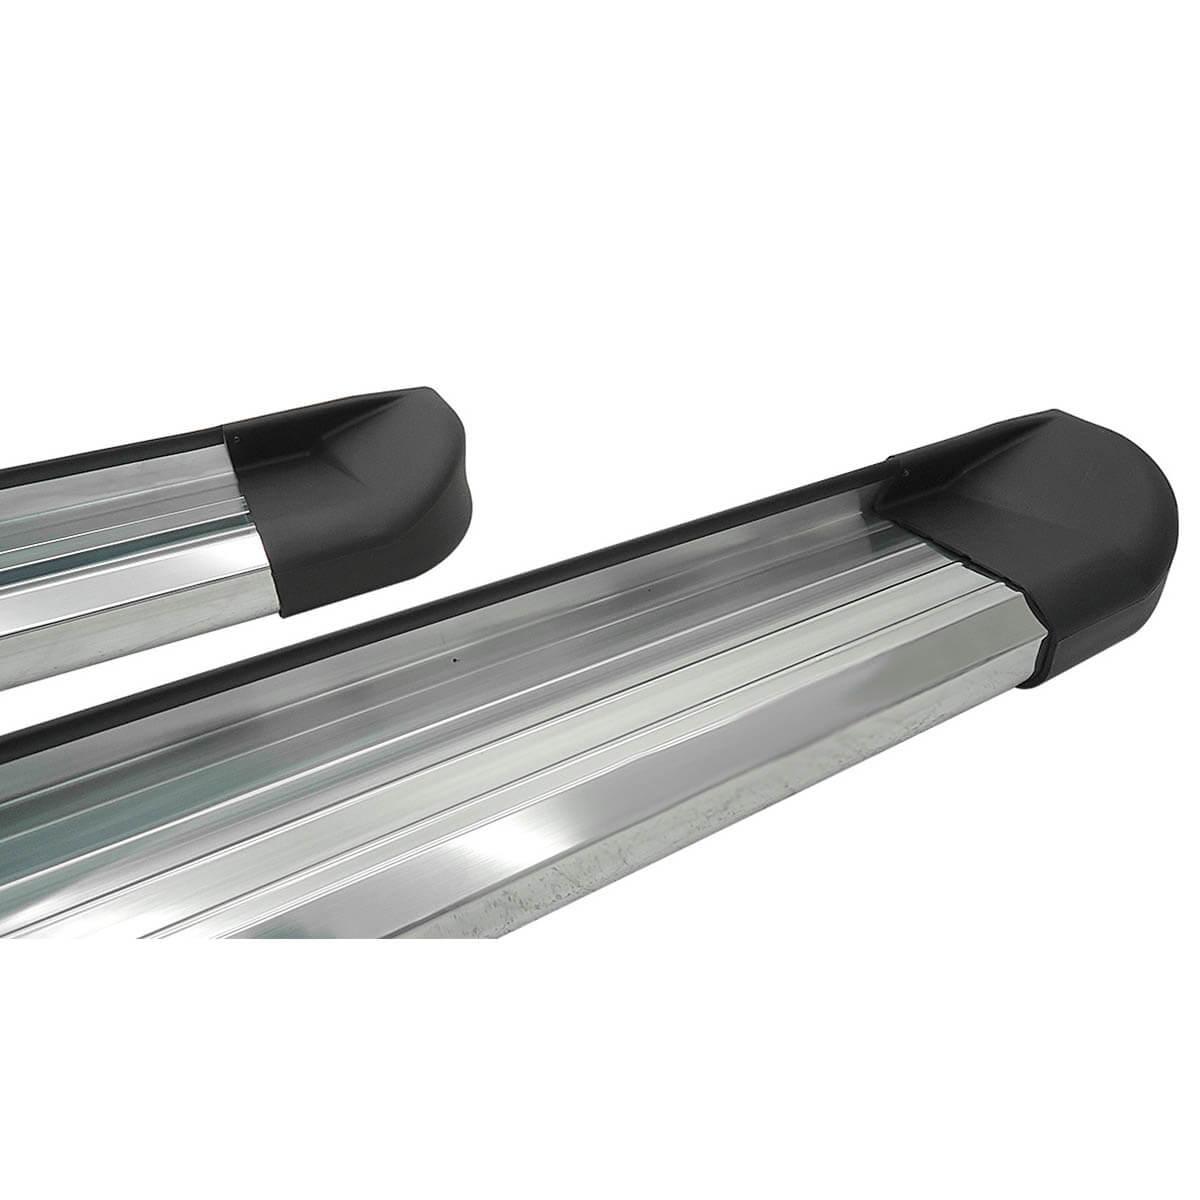 Estribo plataforma alumínio Duster Oroch 2016 2017